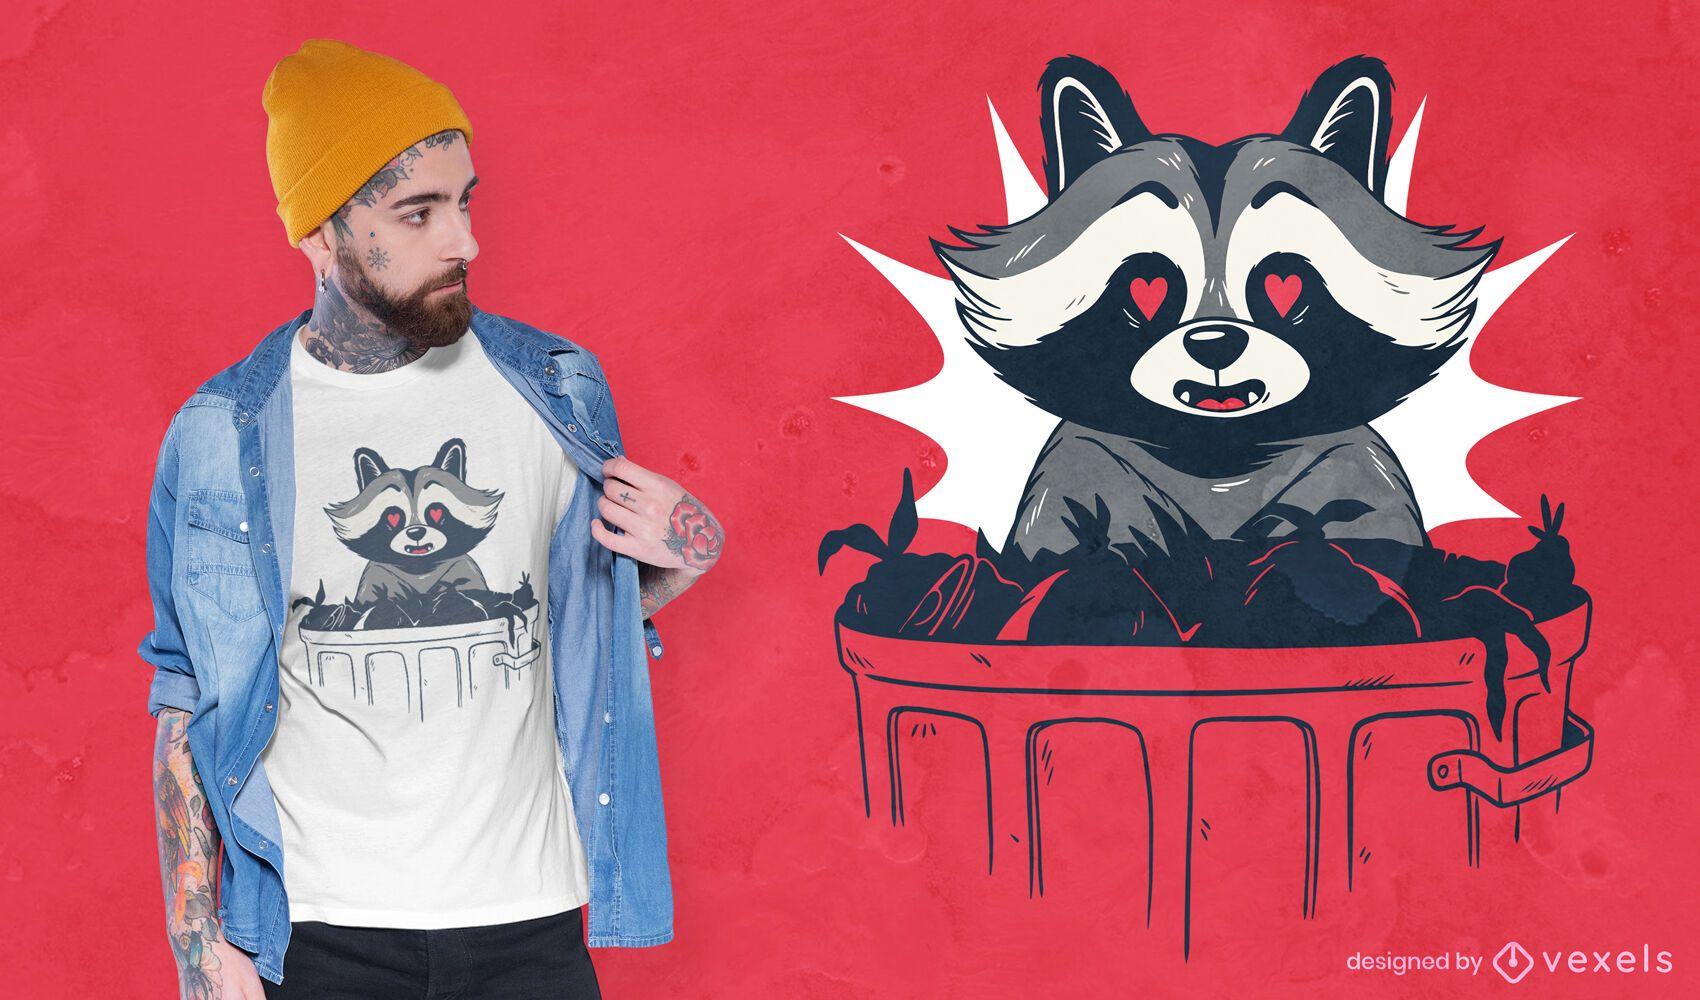 Guaxinim adora design de camisetas lixo